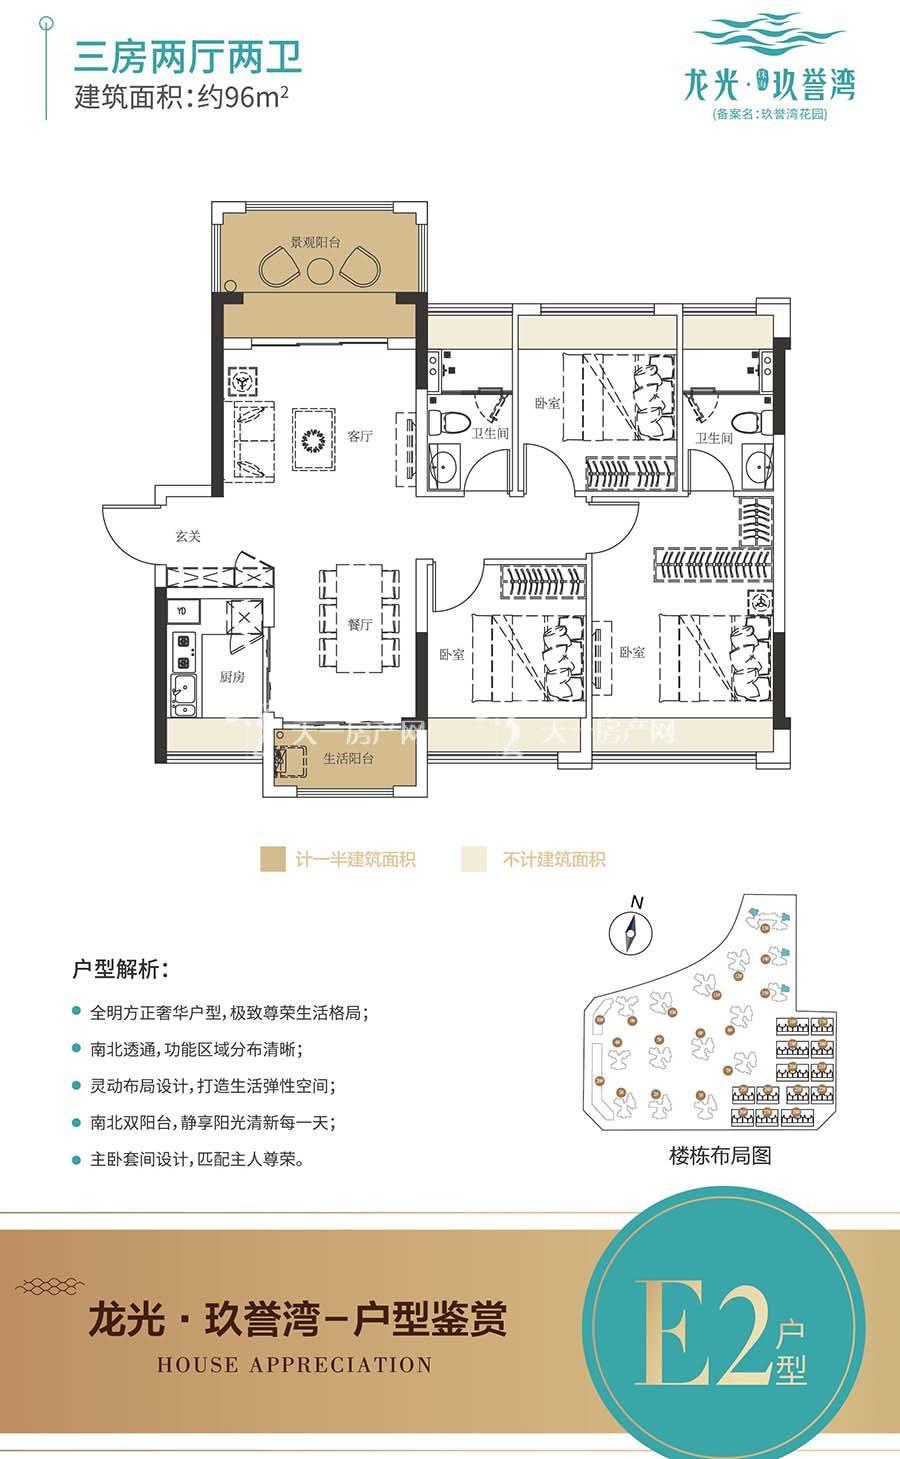 龙光玖誉湾E2户型/三房两厅两卫/建筑面积:约96m²